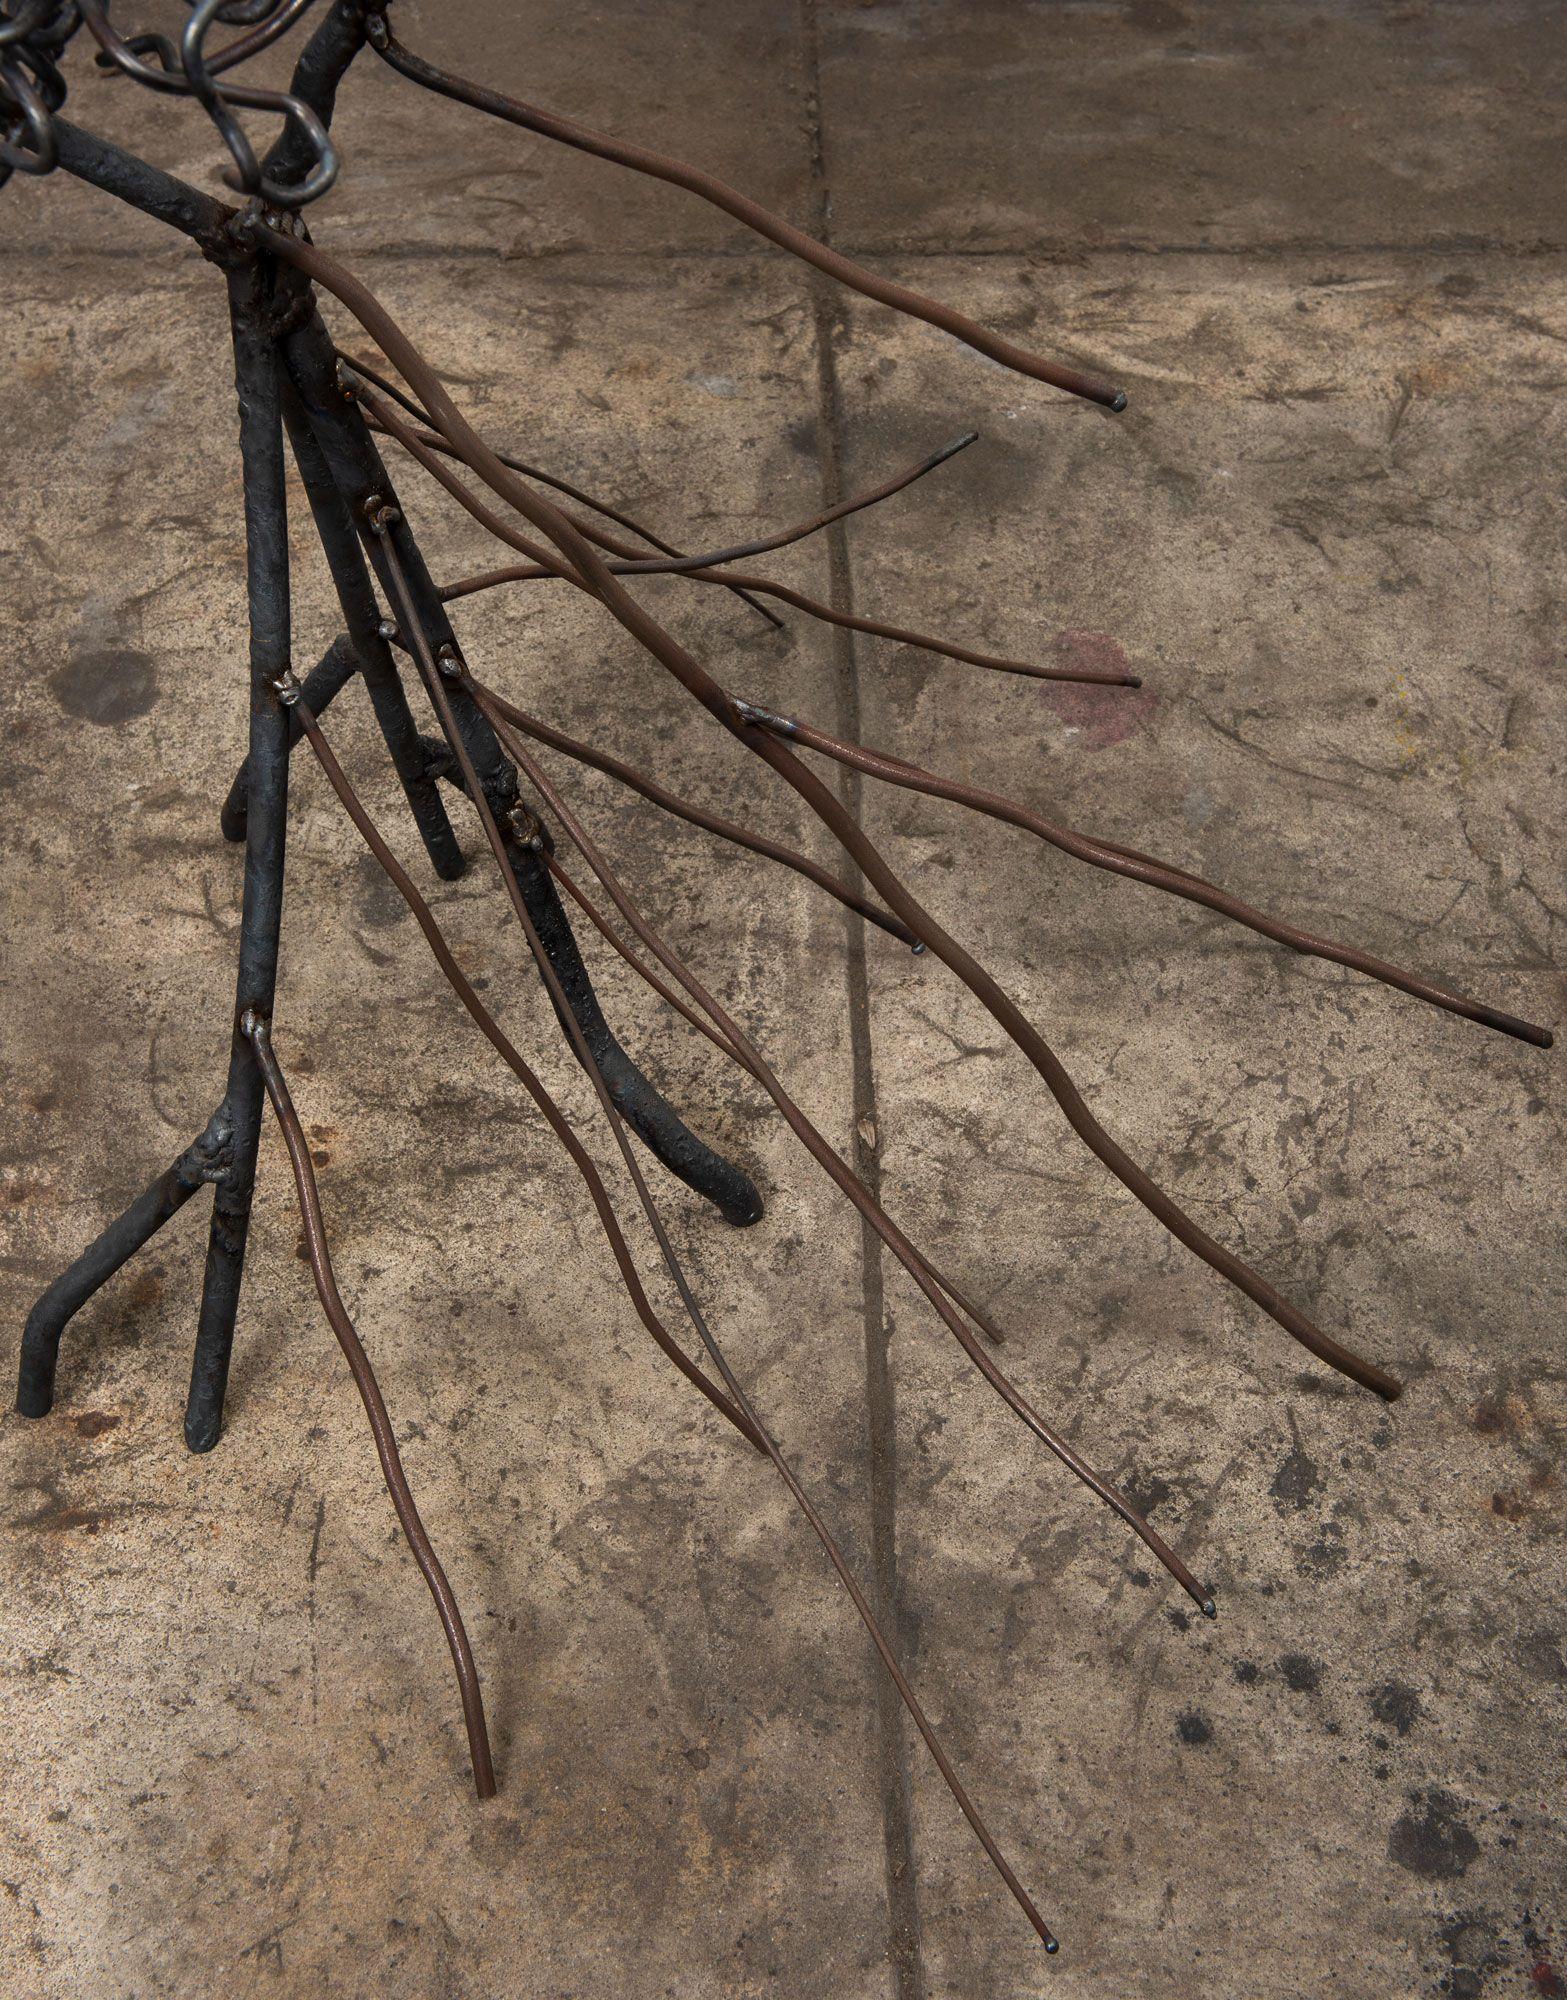 Beatriz Cortez, Roots 1, detail